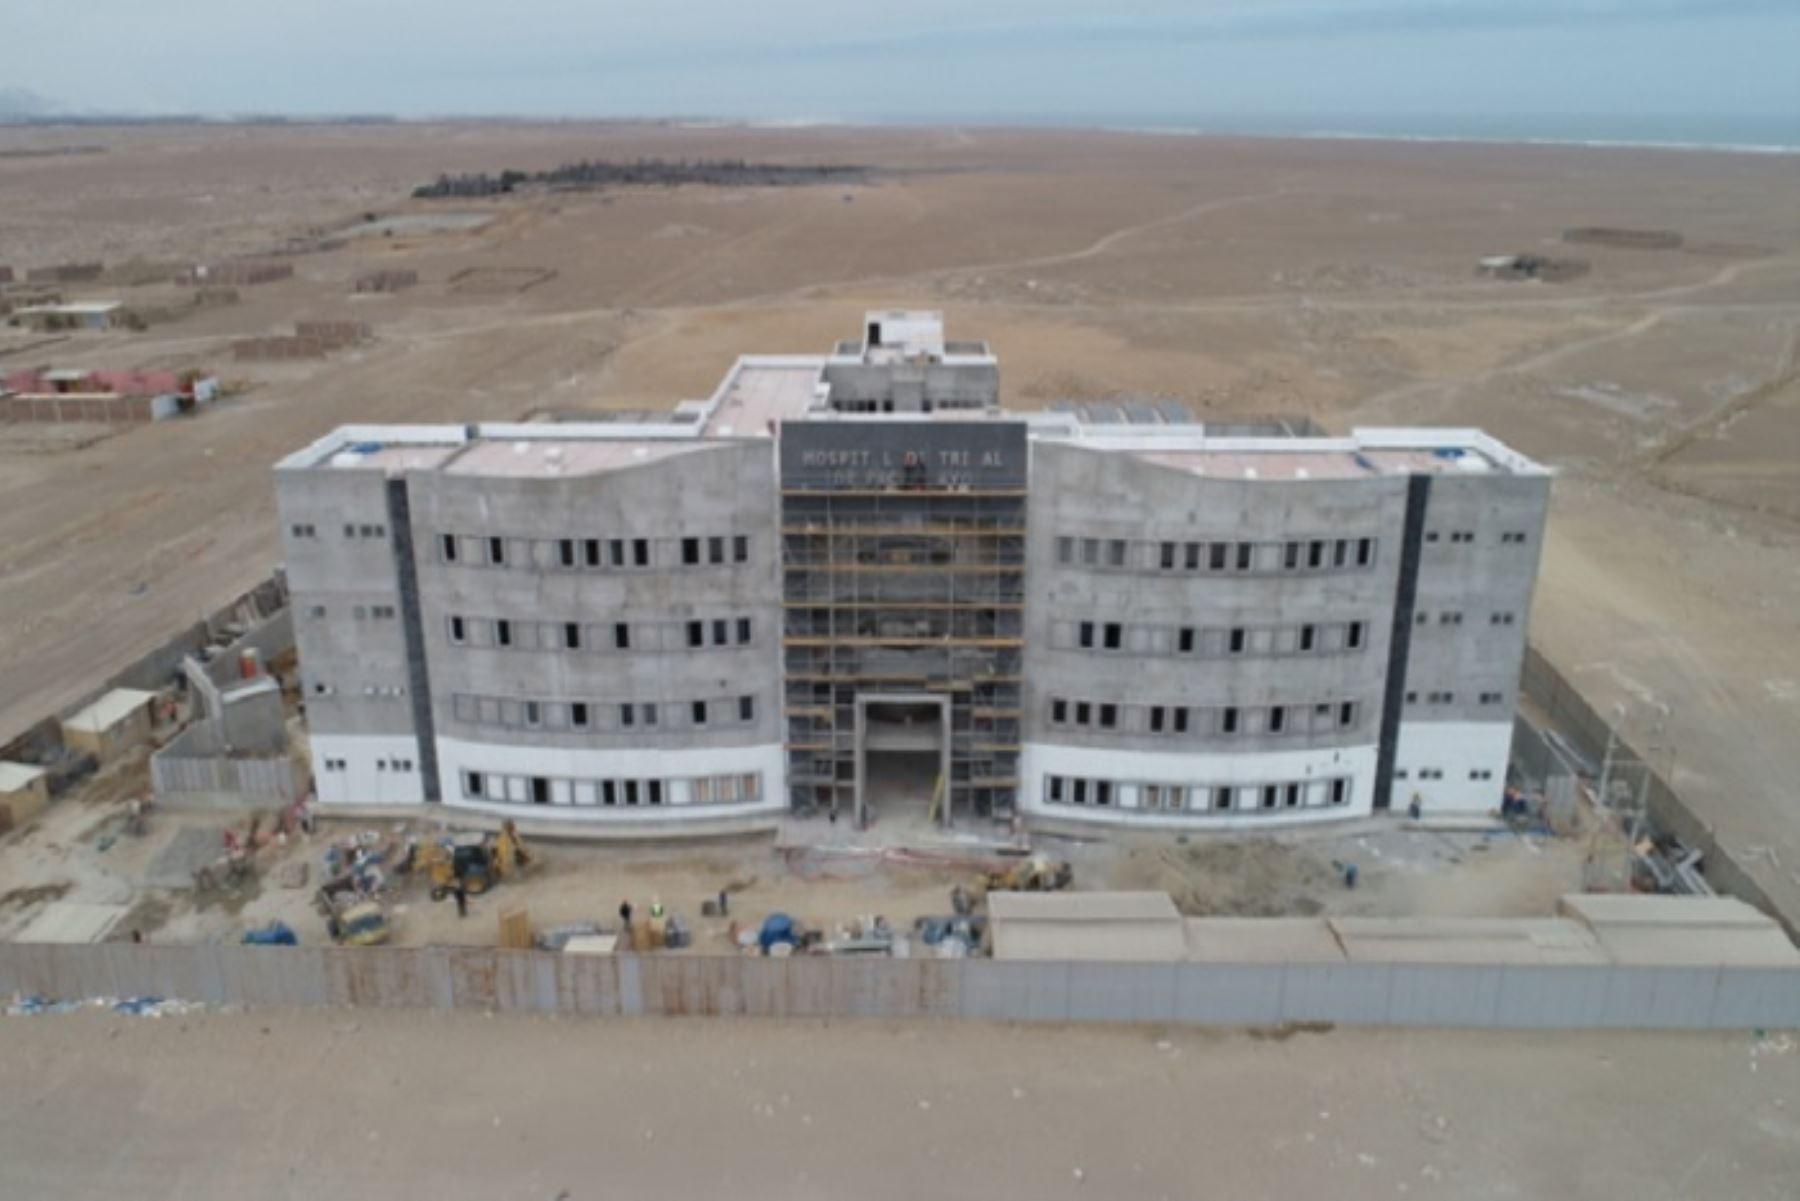 En un 65 % avanzan las obras de construcción del nuevo Hospital de Pacasmayo, en la región La Libertad. Este nosocomio de categoría II-E- no quirúrgico beneficiará a más de 47,000 habitantes, anunció Ludgarda Quillama, coordinadora general del Programa Nacional de Inversiones en Salud (Pronis) del Ministerio de Salud (Minsa).